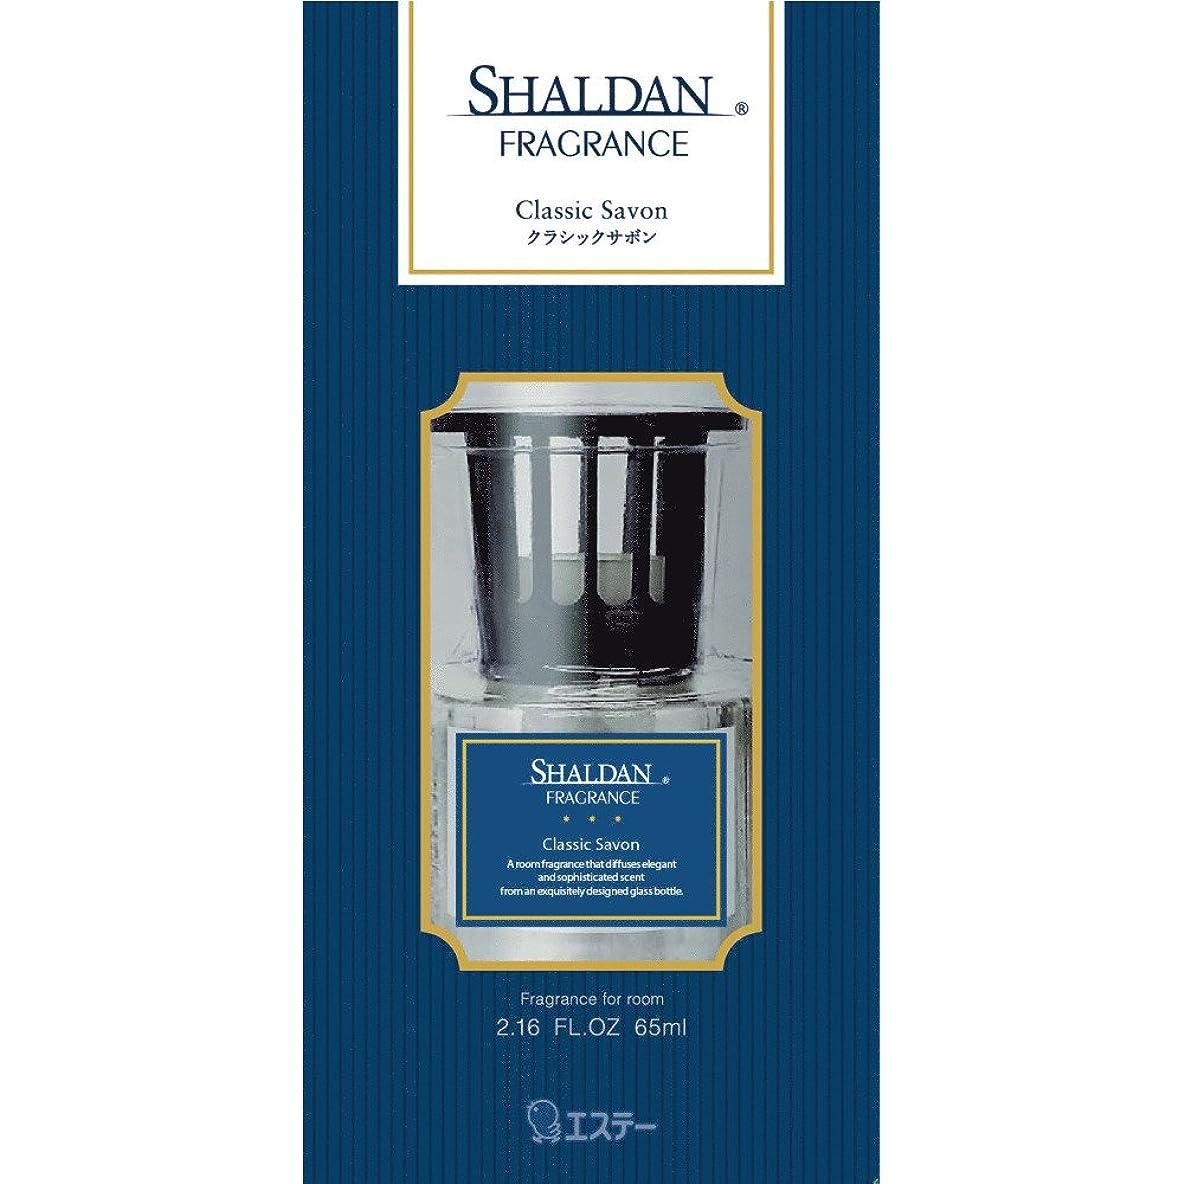 非互換読書アプトシャルダン SHALDAN フレグランス 消臭芳香剤 部屋用 本体 クラシックサボン 65ml